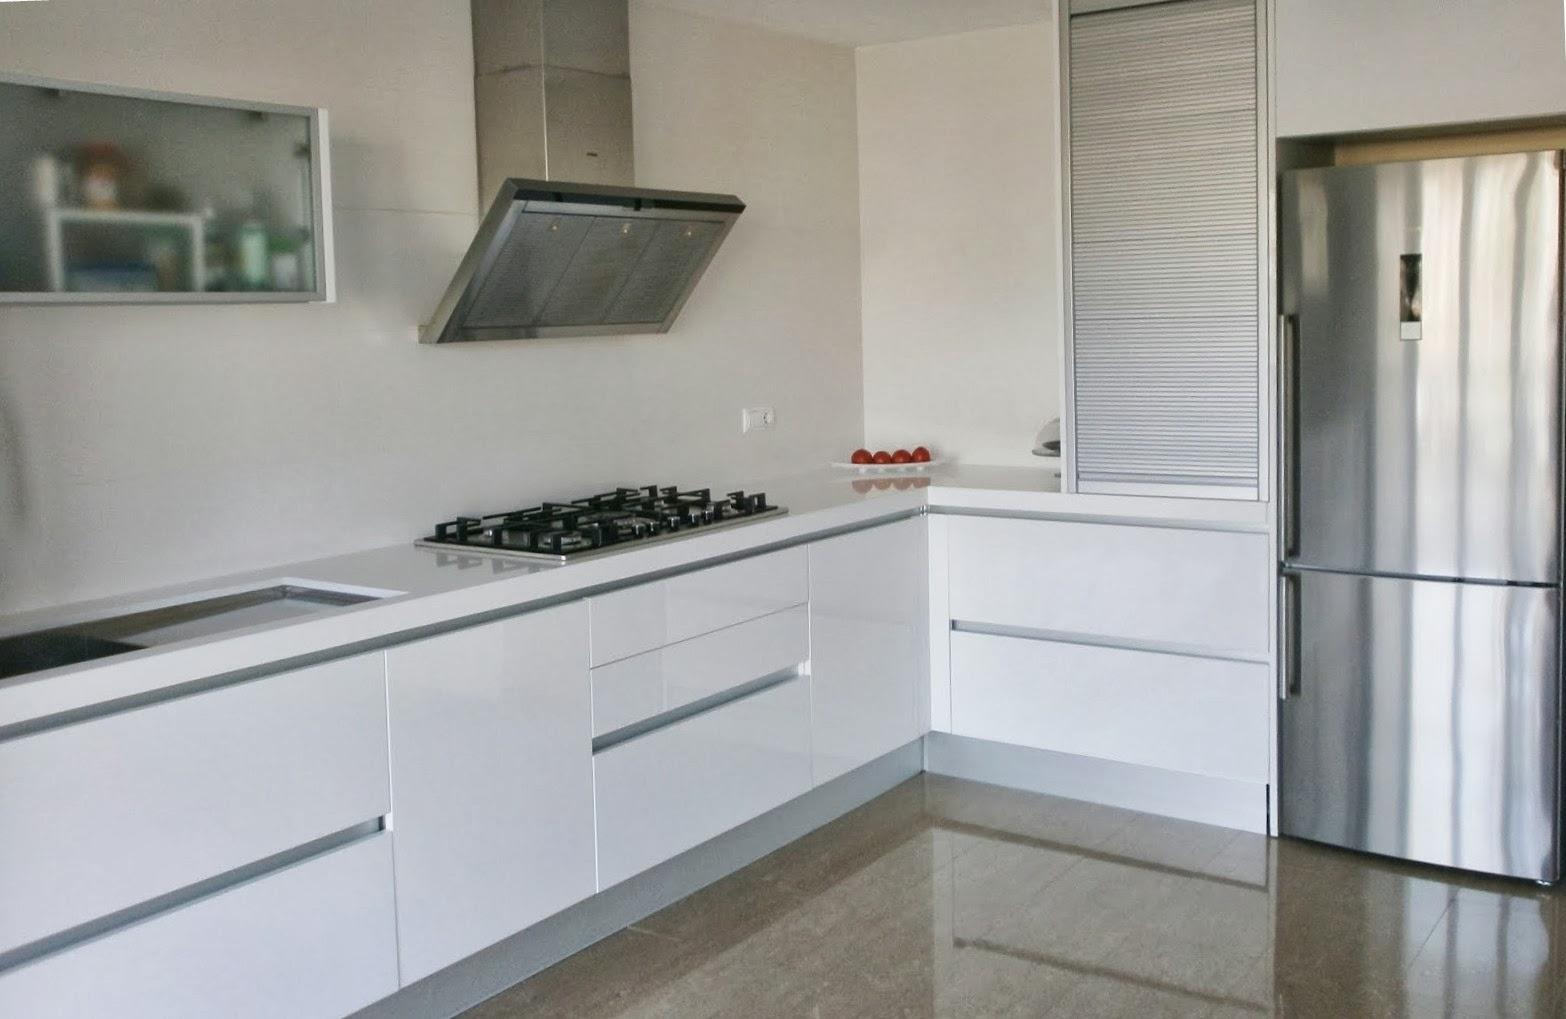 Electrodom sticos de acero inoxidable en reforma de cocina - Reformas en cocinas ...